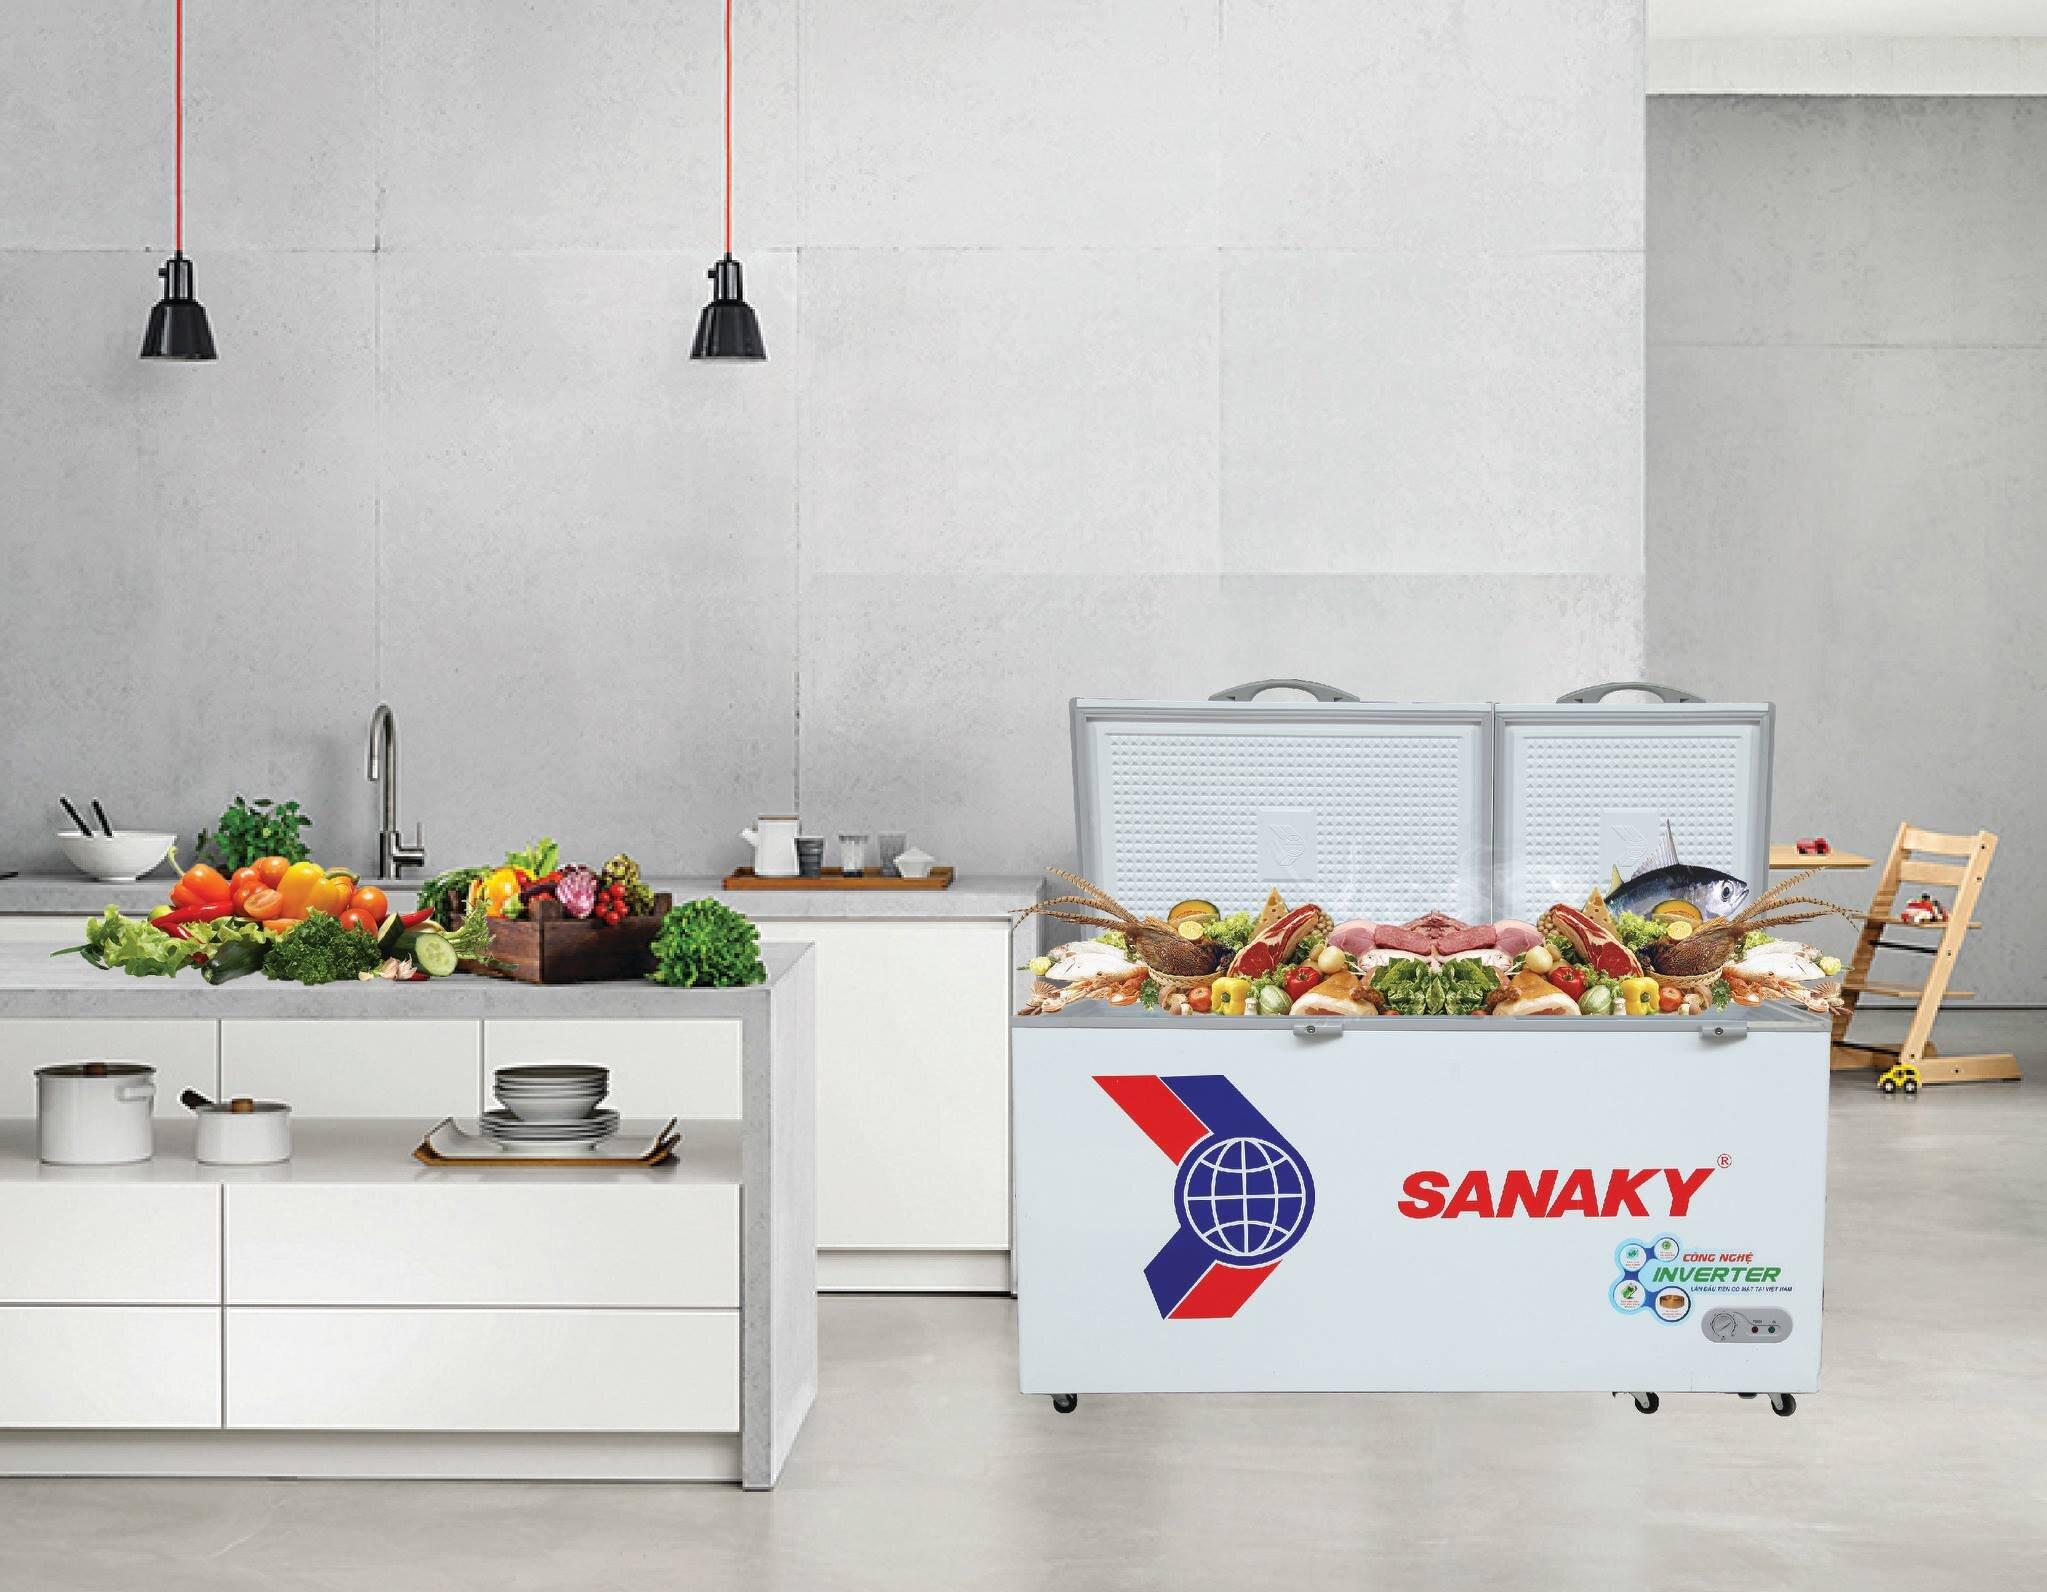 Tủ mát Sanaky là thương hiệu tủ được ưa chuộng hiện nay